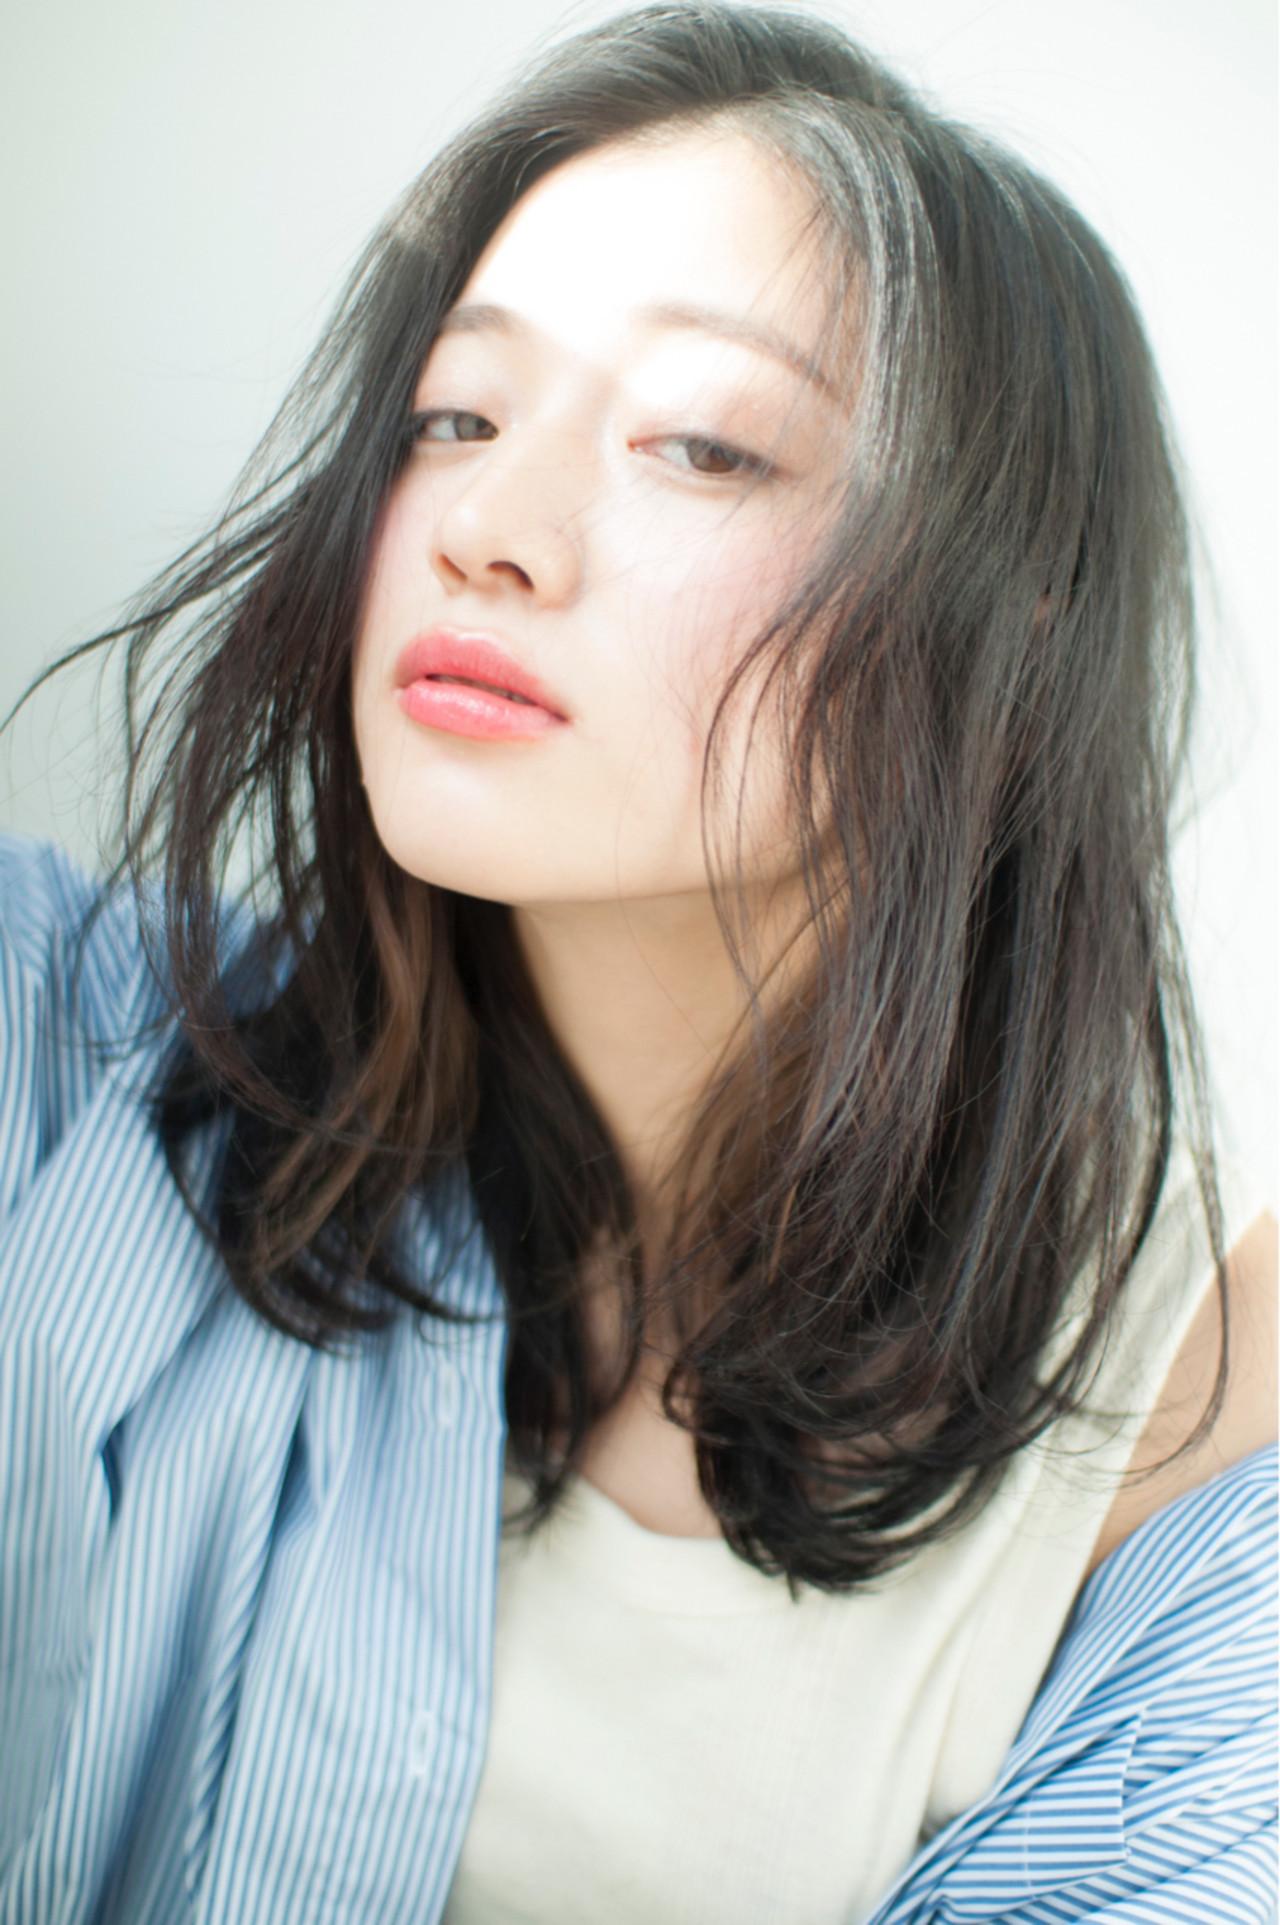 ミディアムではねない長さはどのくらい? 力石サトシ | HOMIE TOKYO